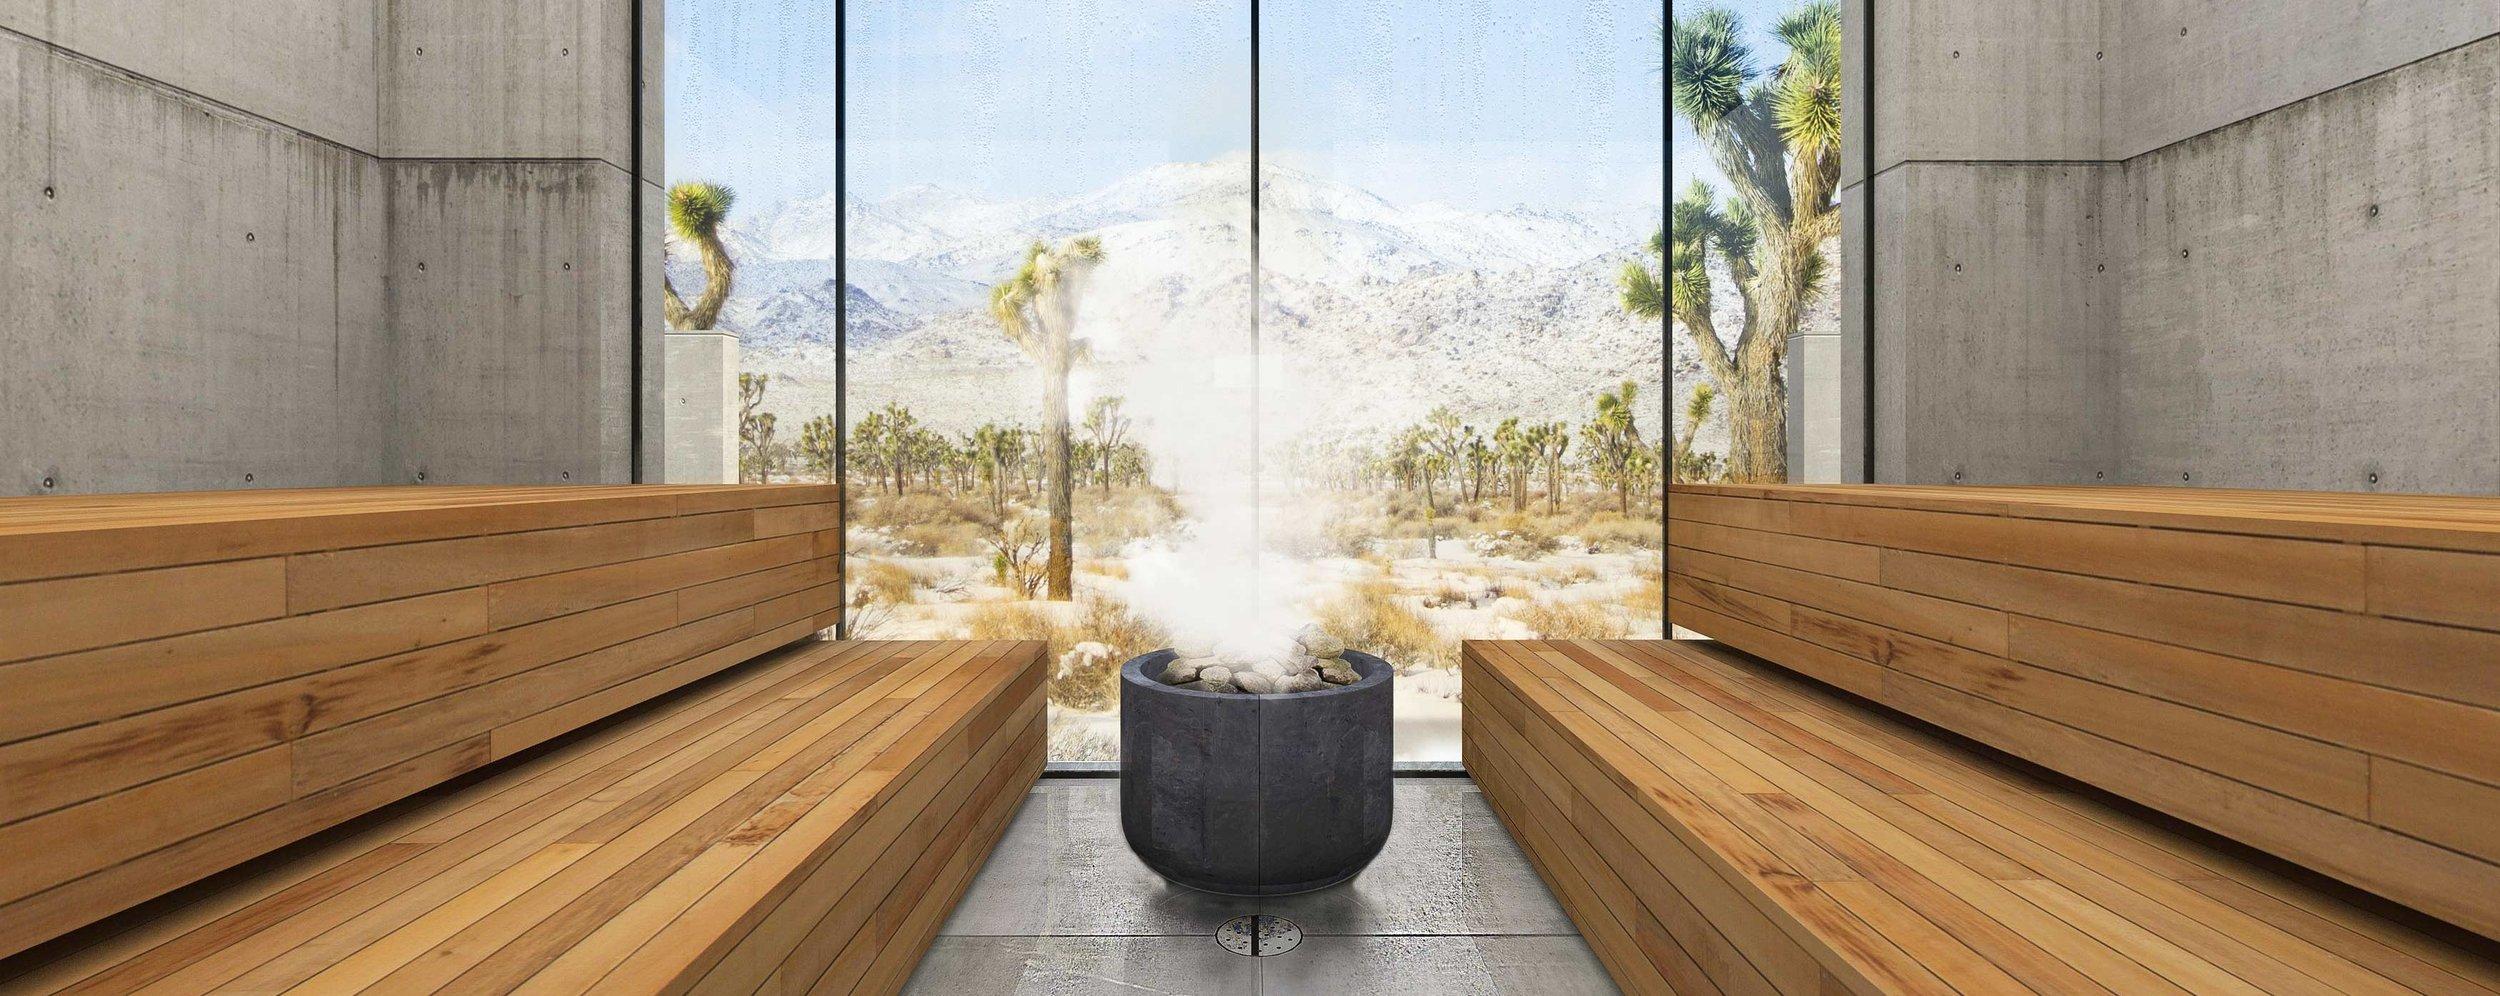 casaplutonia-sauna-wellness-center.jpg